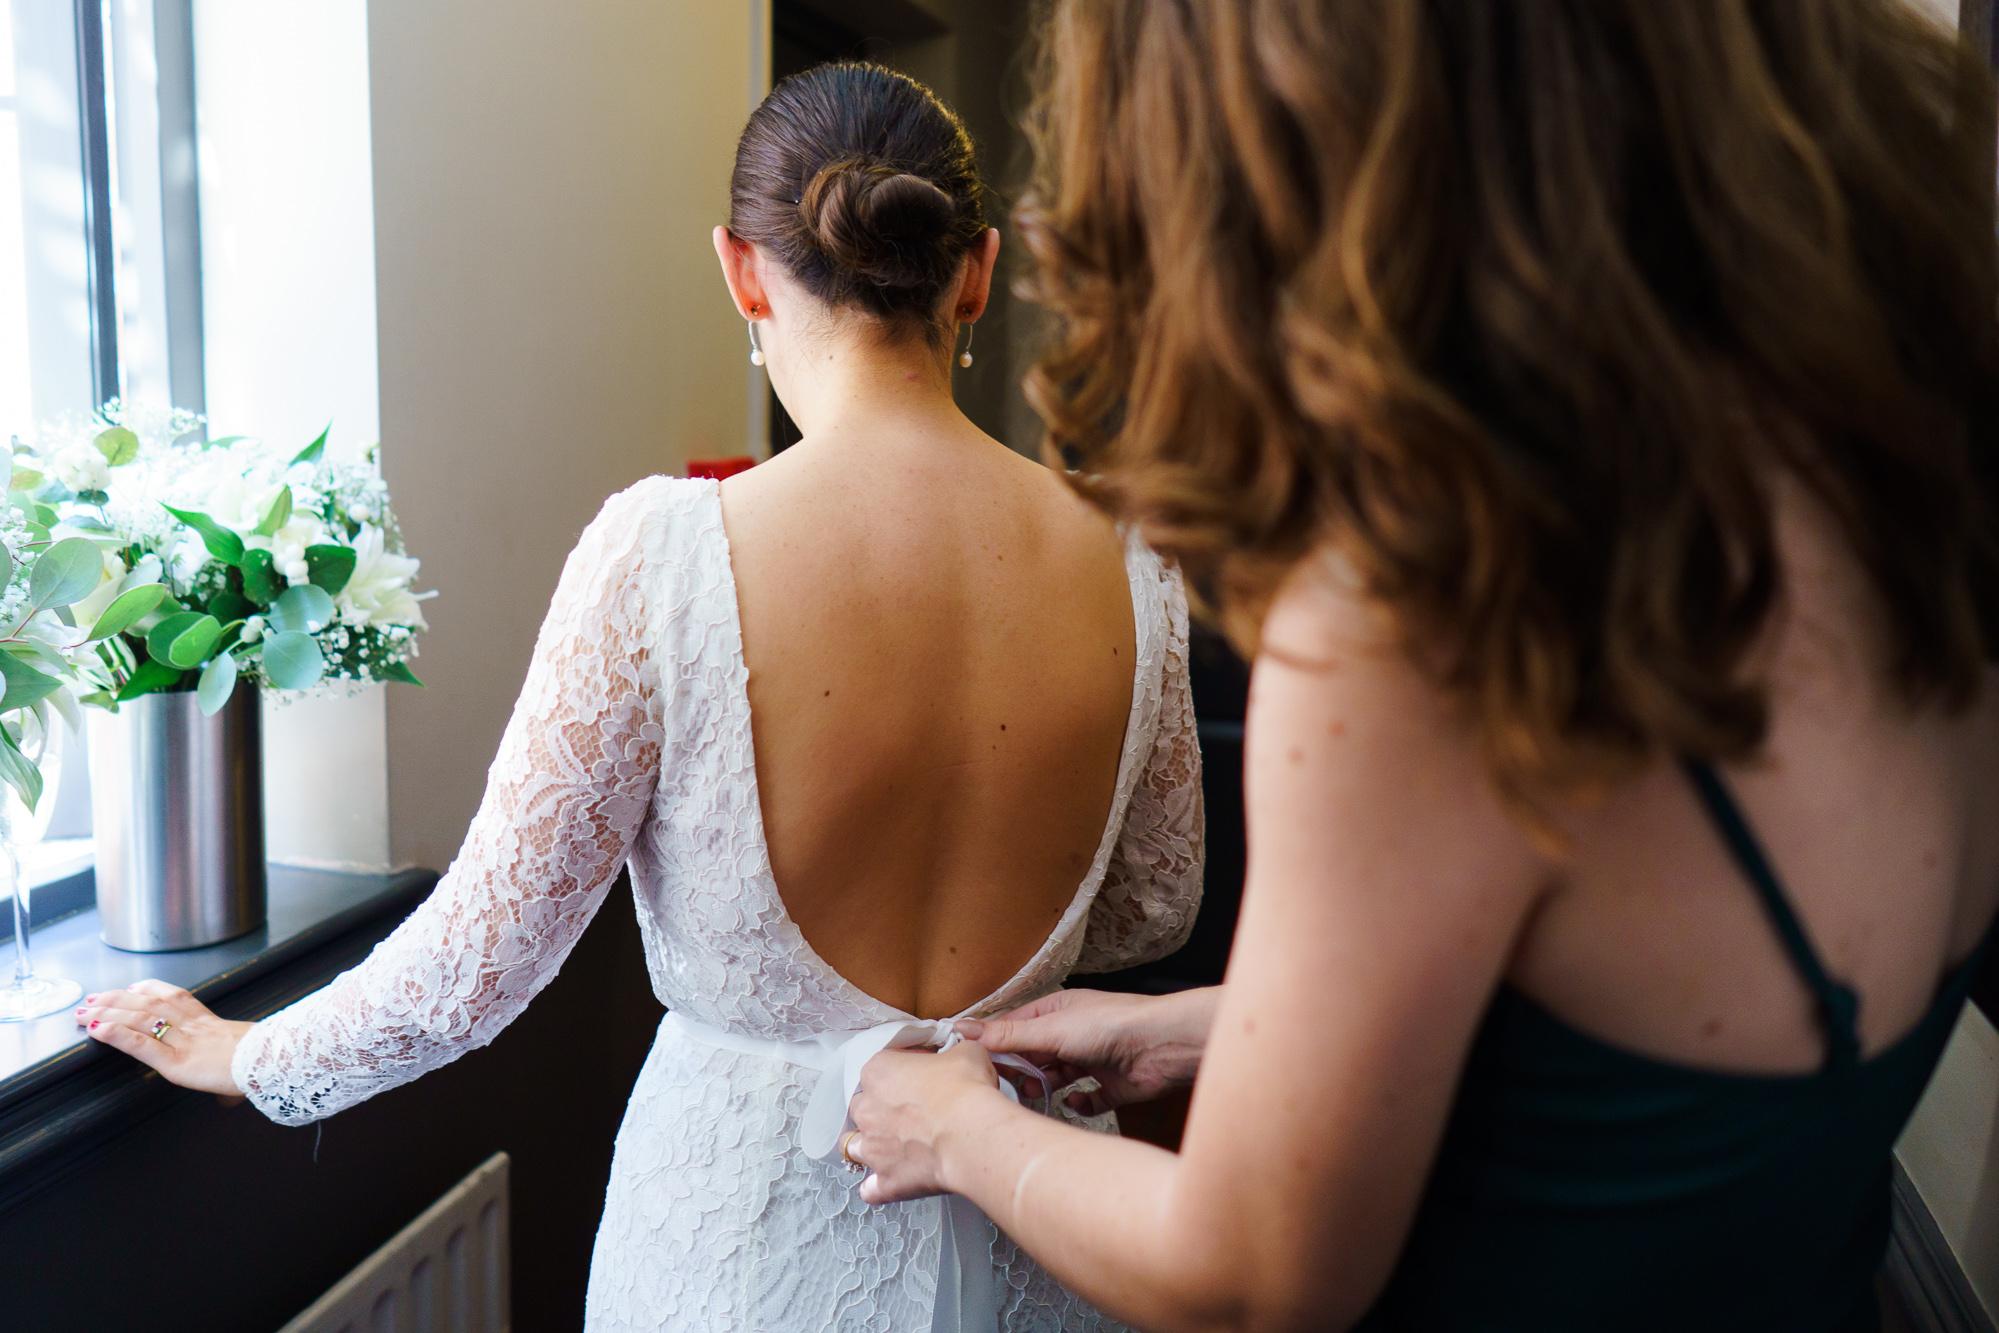 brdiesmaid helping zip bride's dress